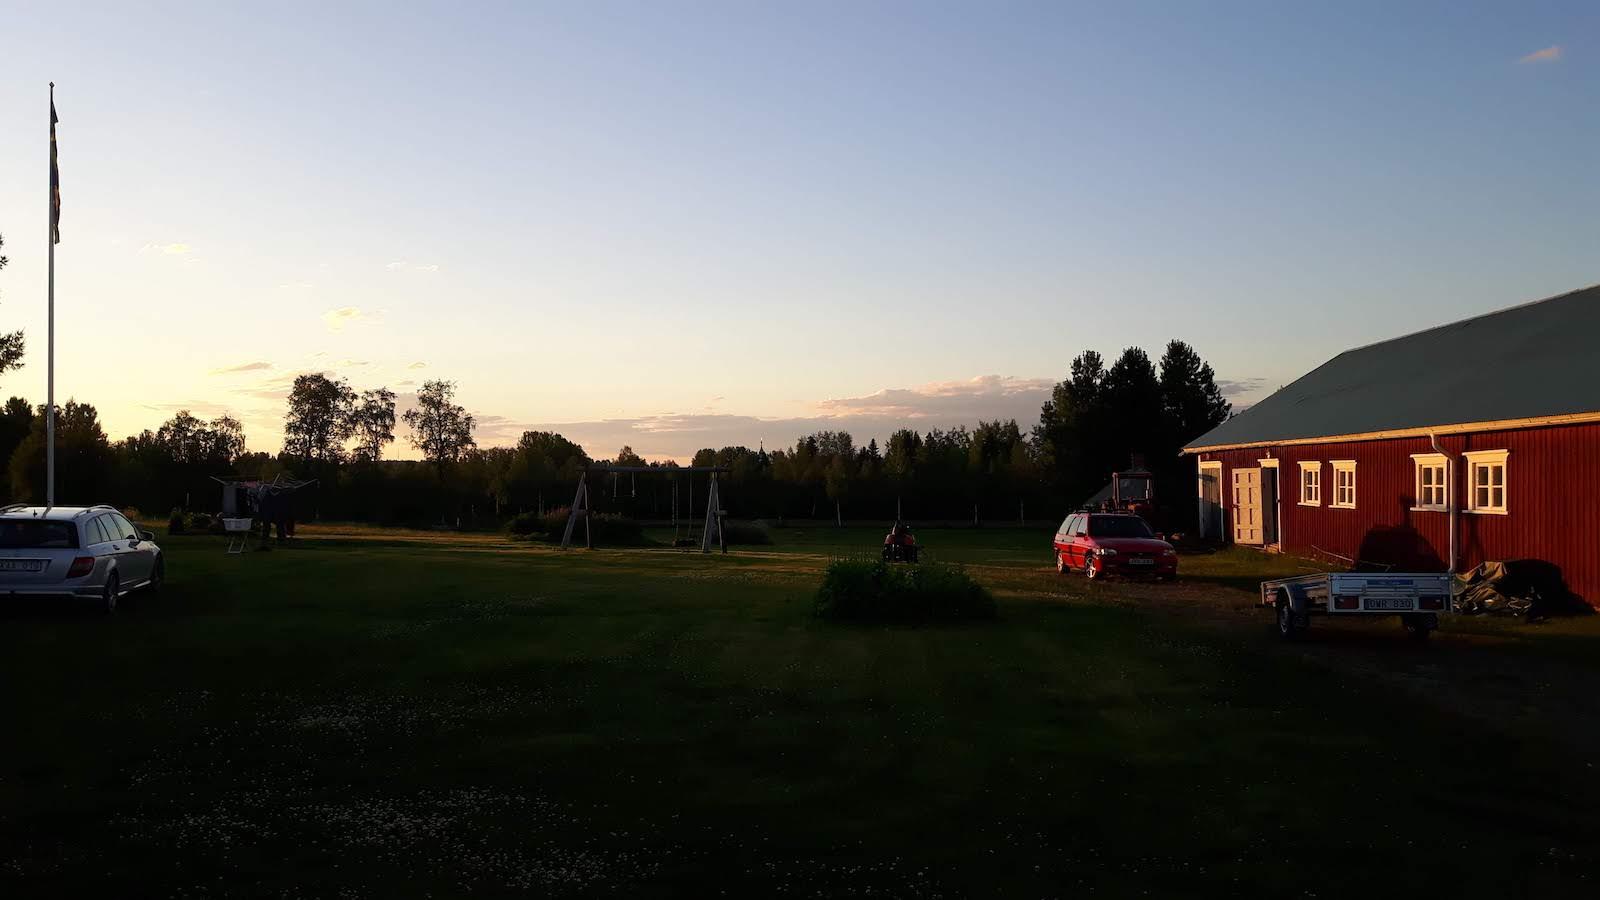 Sunset from Thord veranda Junosuando